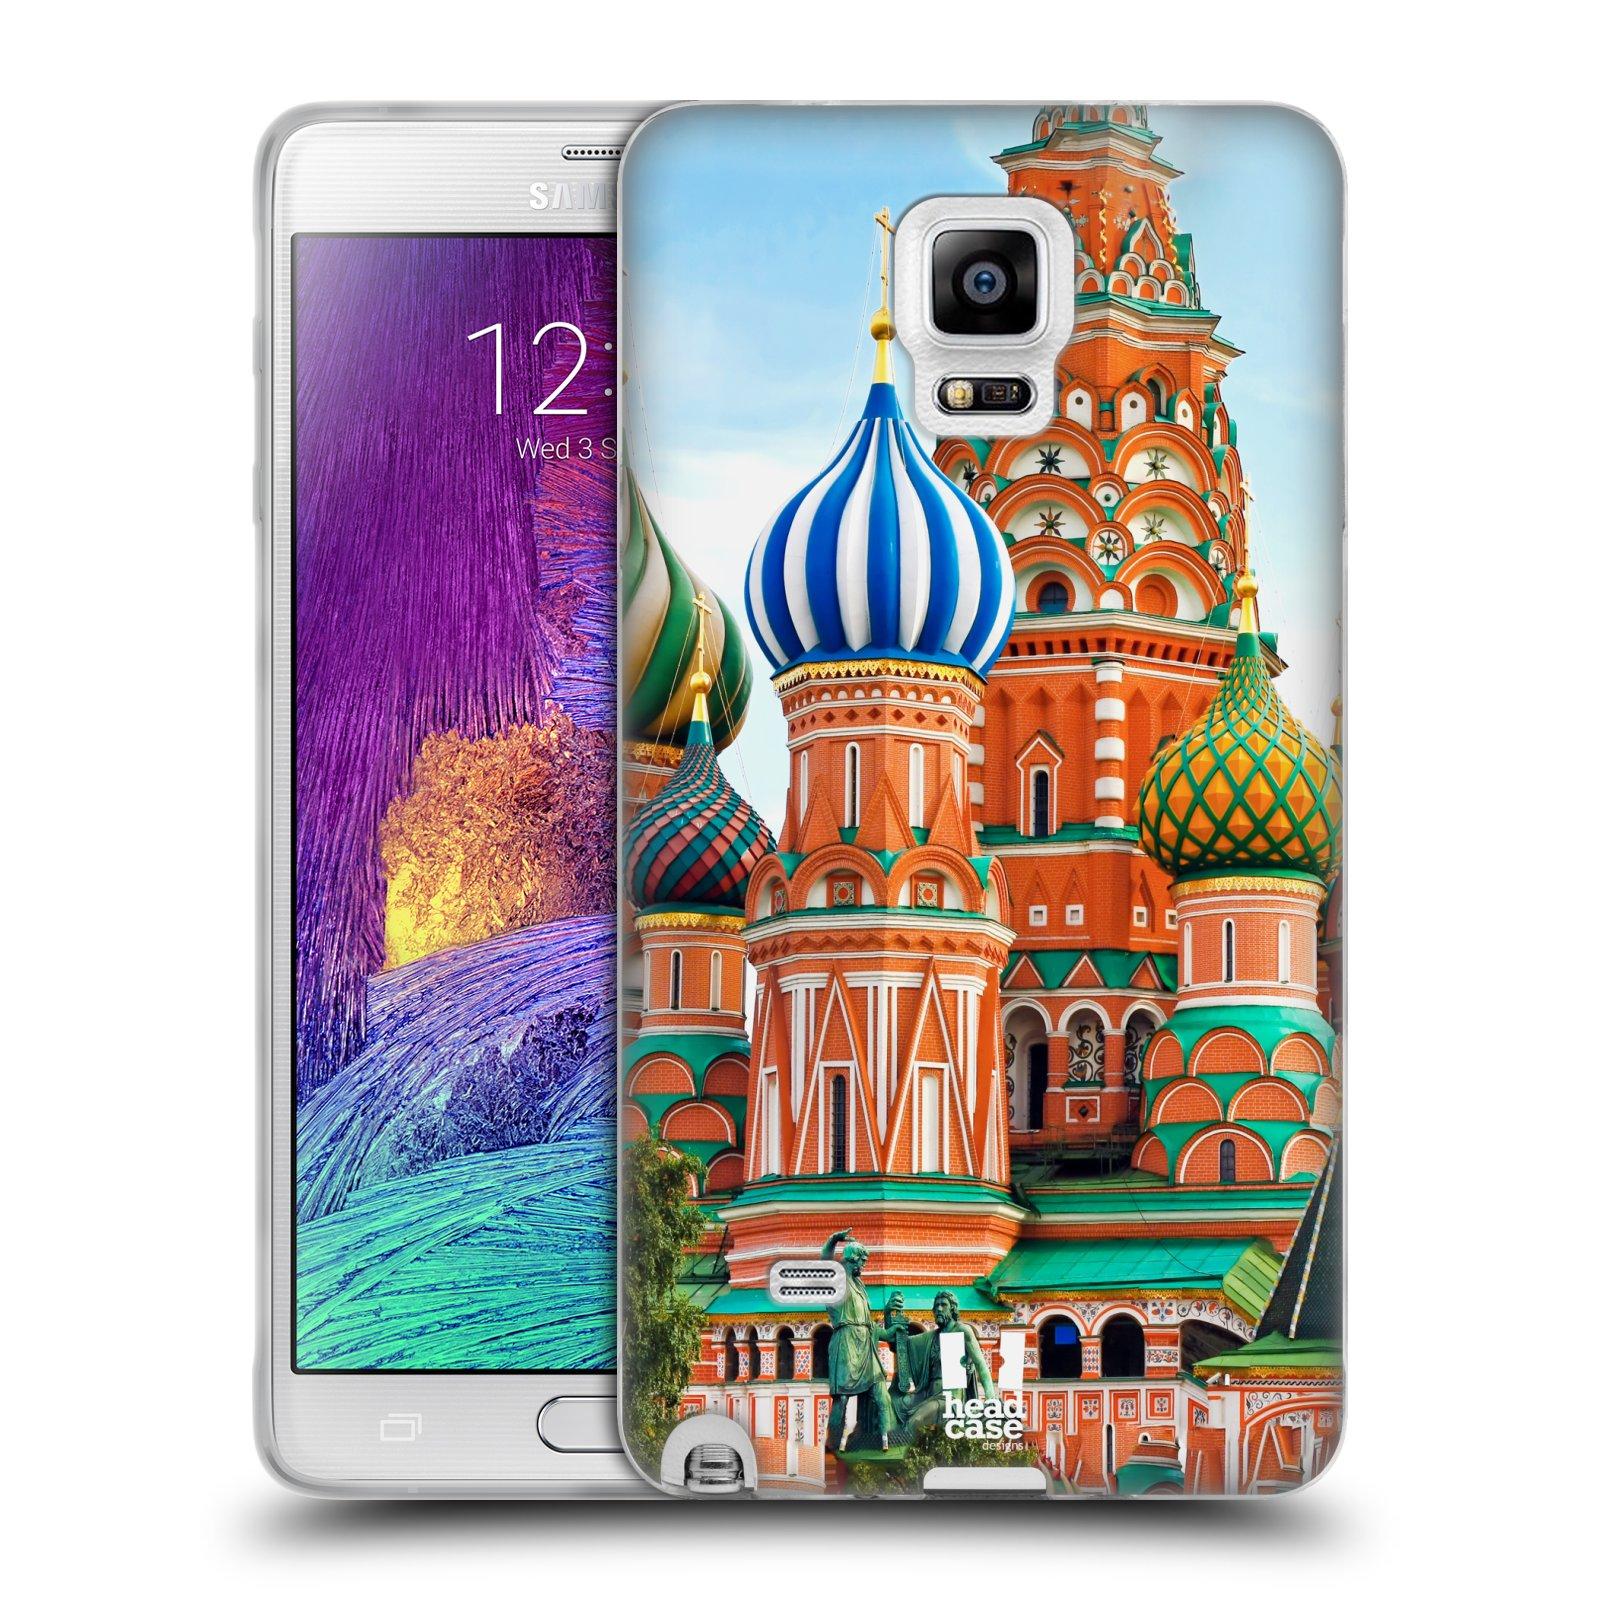 HEAD CASE silikonový obal na mobil Samsung Galaxy Note 4 (N910) vzor Města foto náměstí RUSKO,MOSKVA, RUDÉ NÁMĚSTÍ